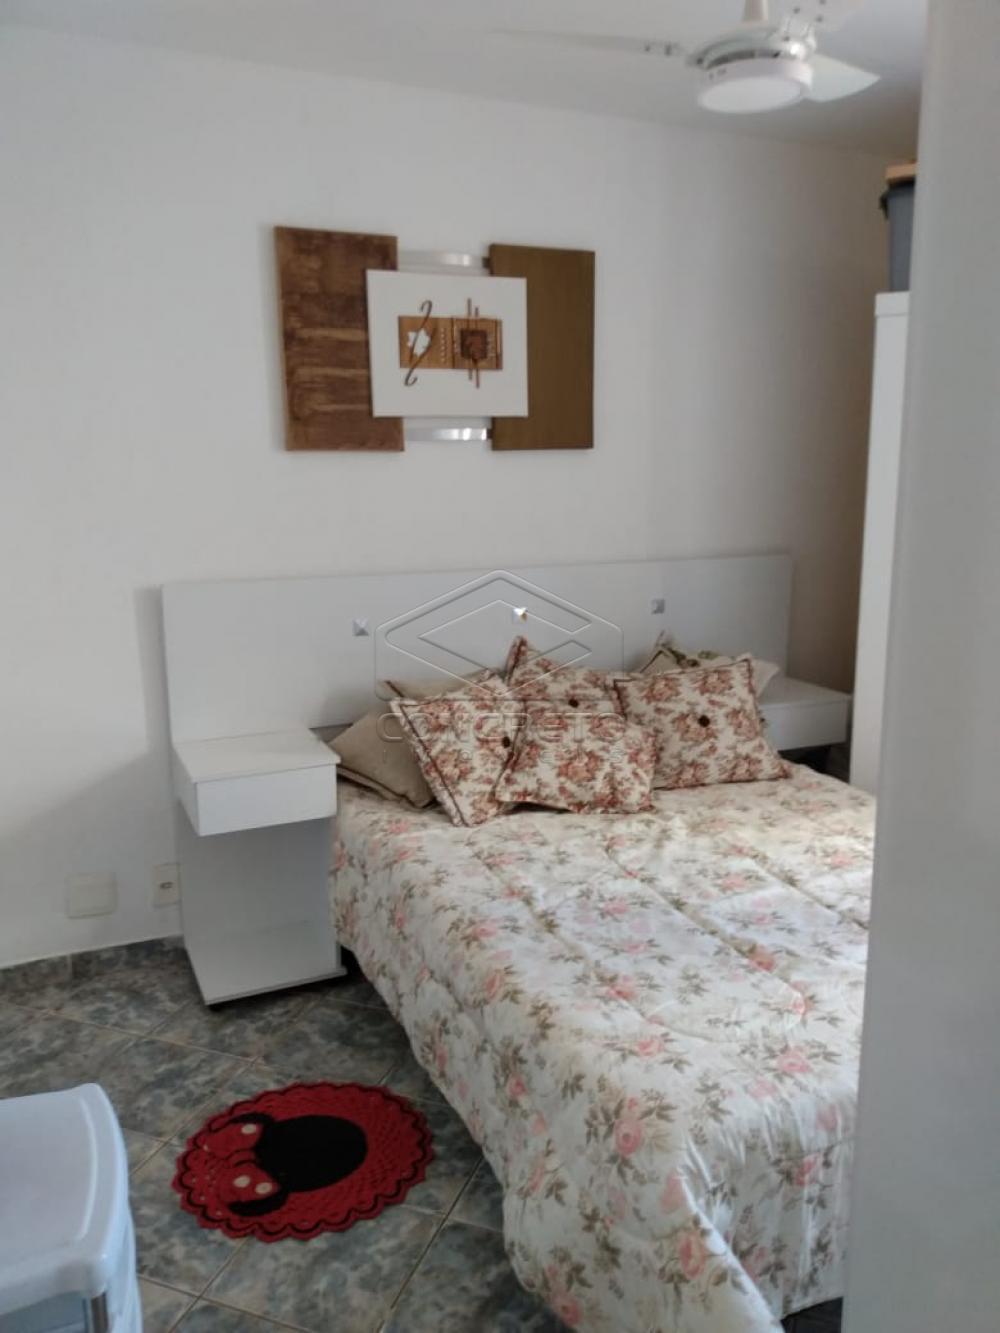 Comprar Apartamento / Padrão em Bauru R$ 220.000,00 - Foto 13